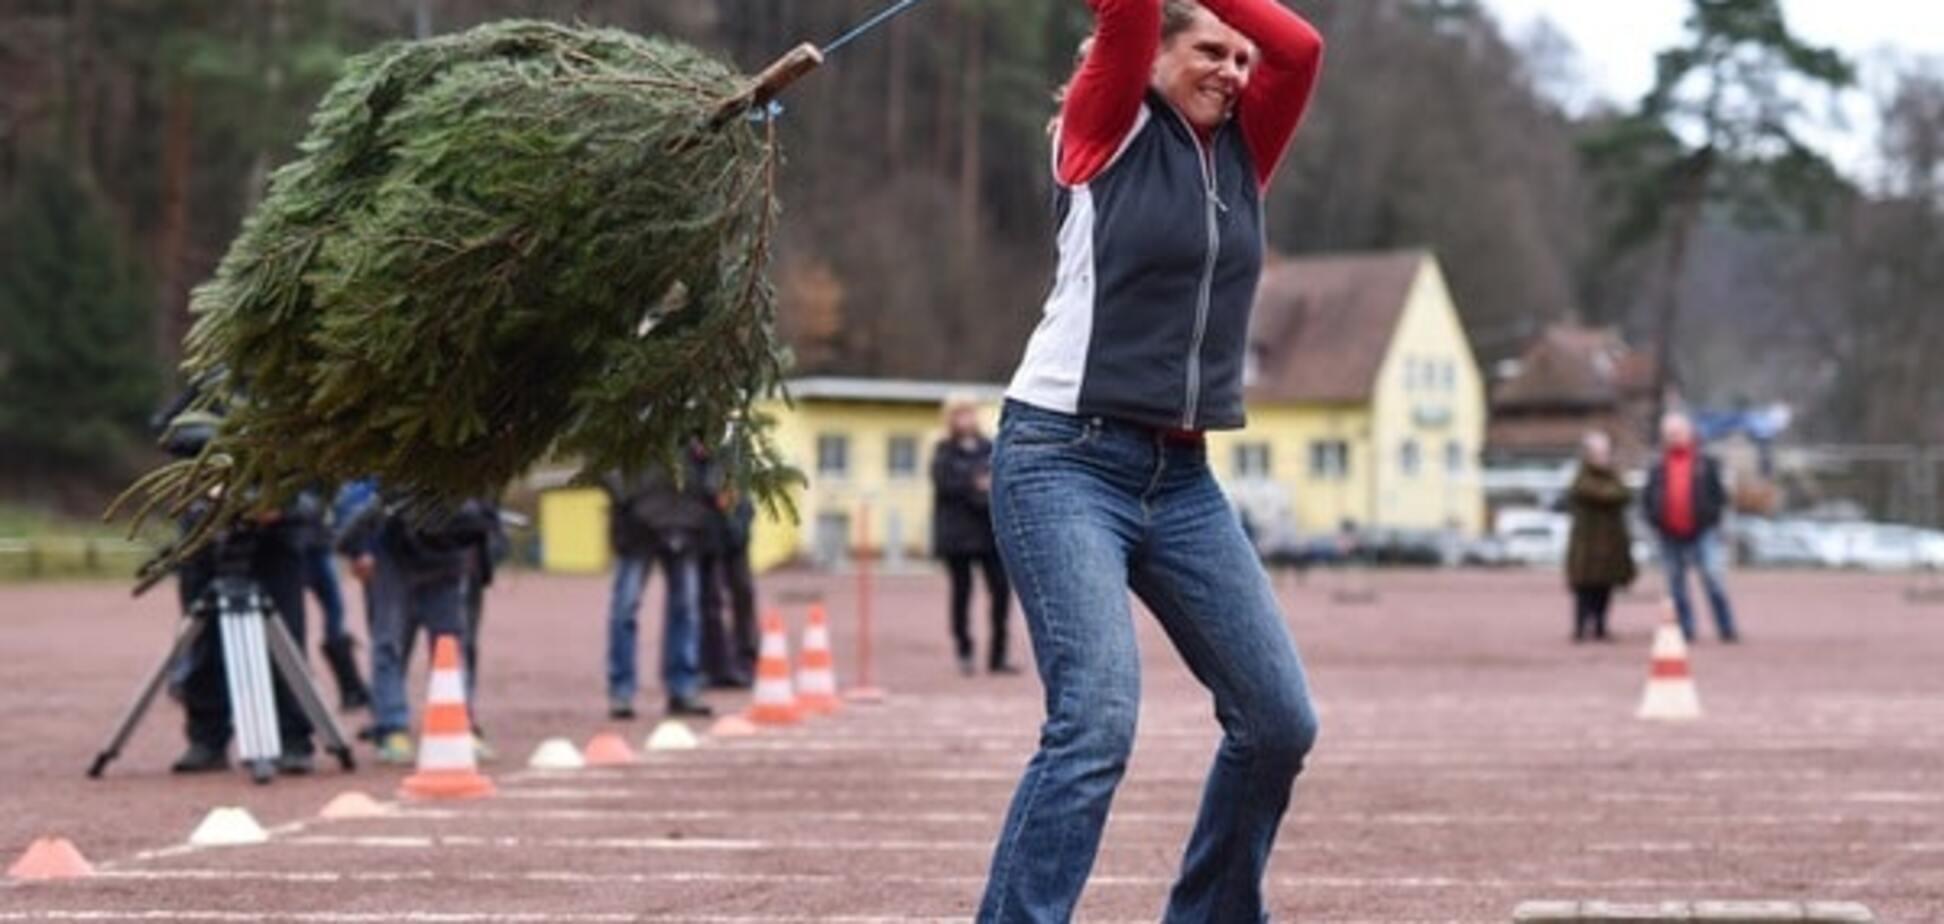 Мне бы в небо! В Германии прошел чемпионат по метанию елок: опубликованы фото